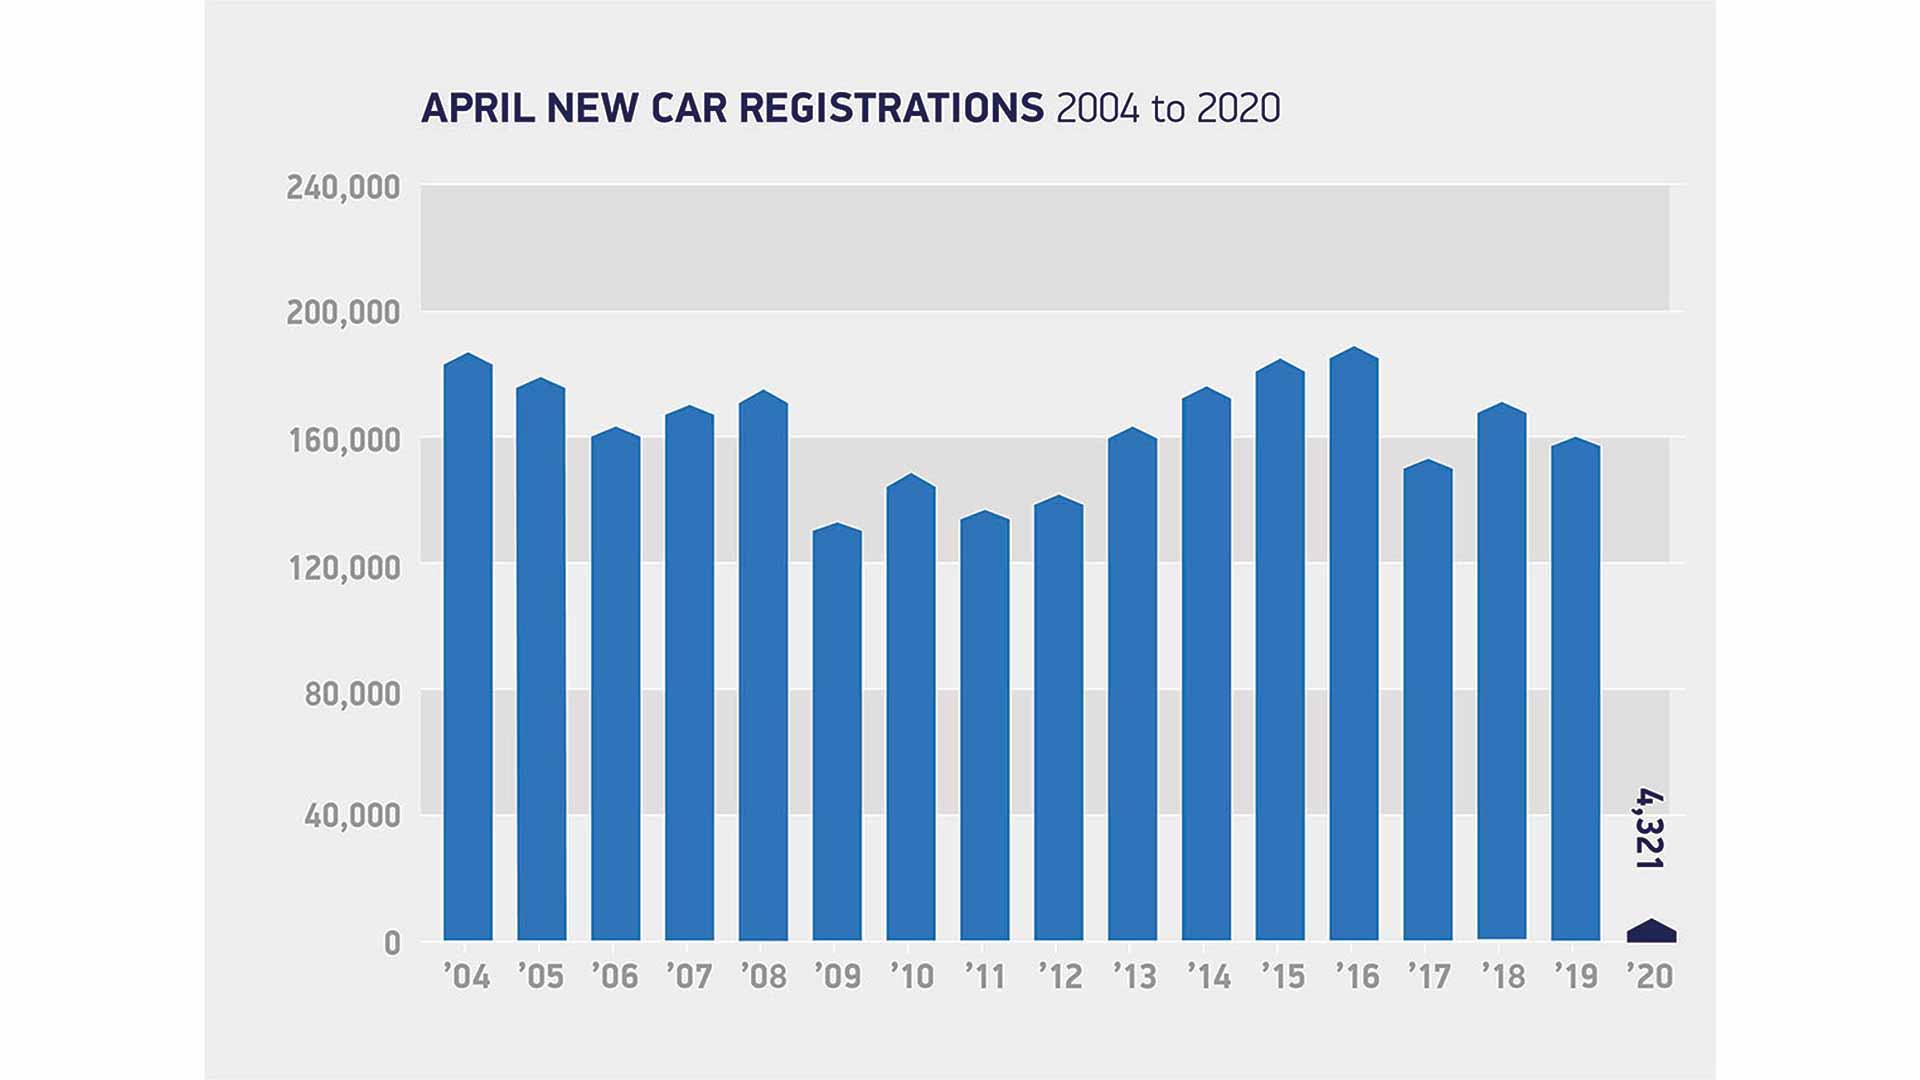 April new car registrations 2004 to 2020